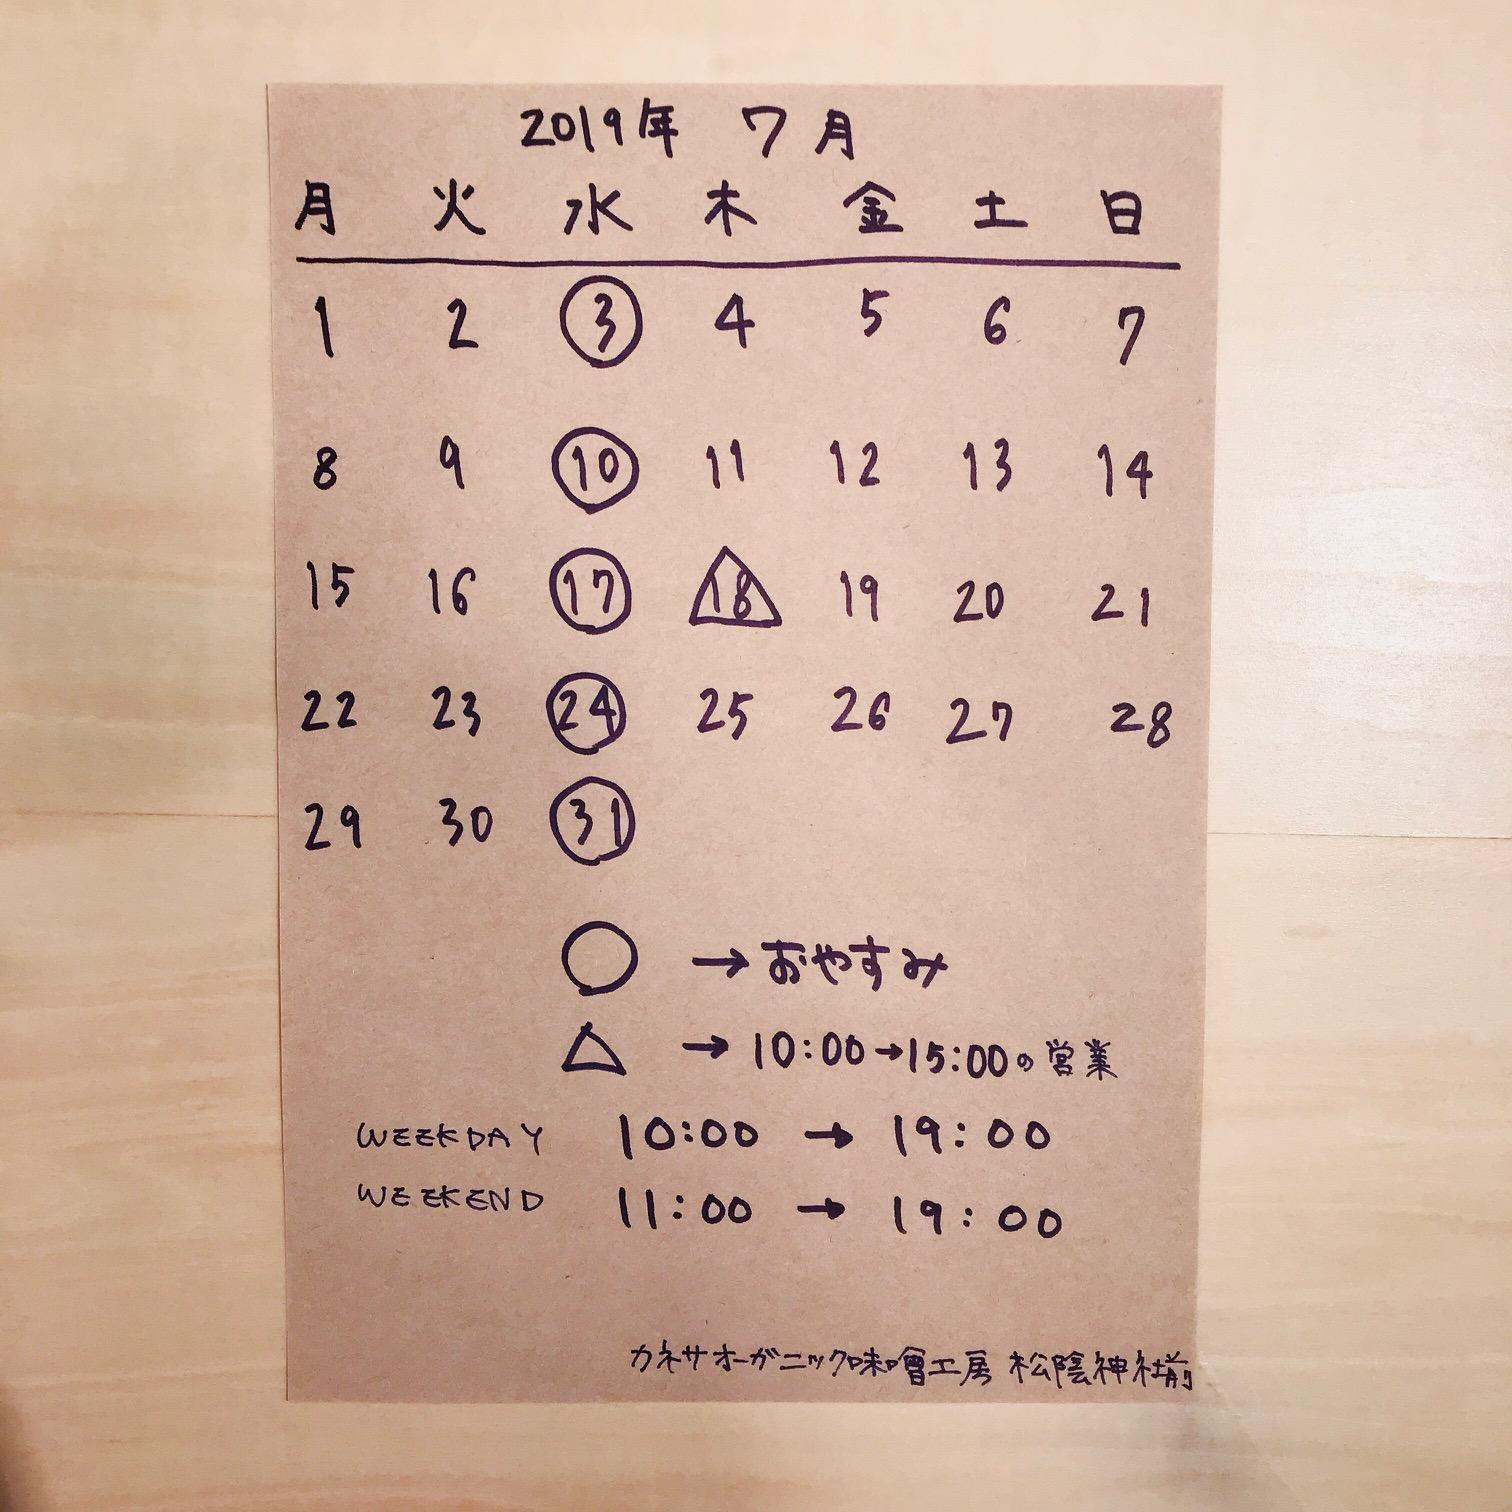 【2019年7月】松陰神社前店 営業カレンダー